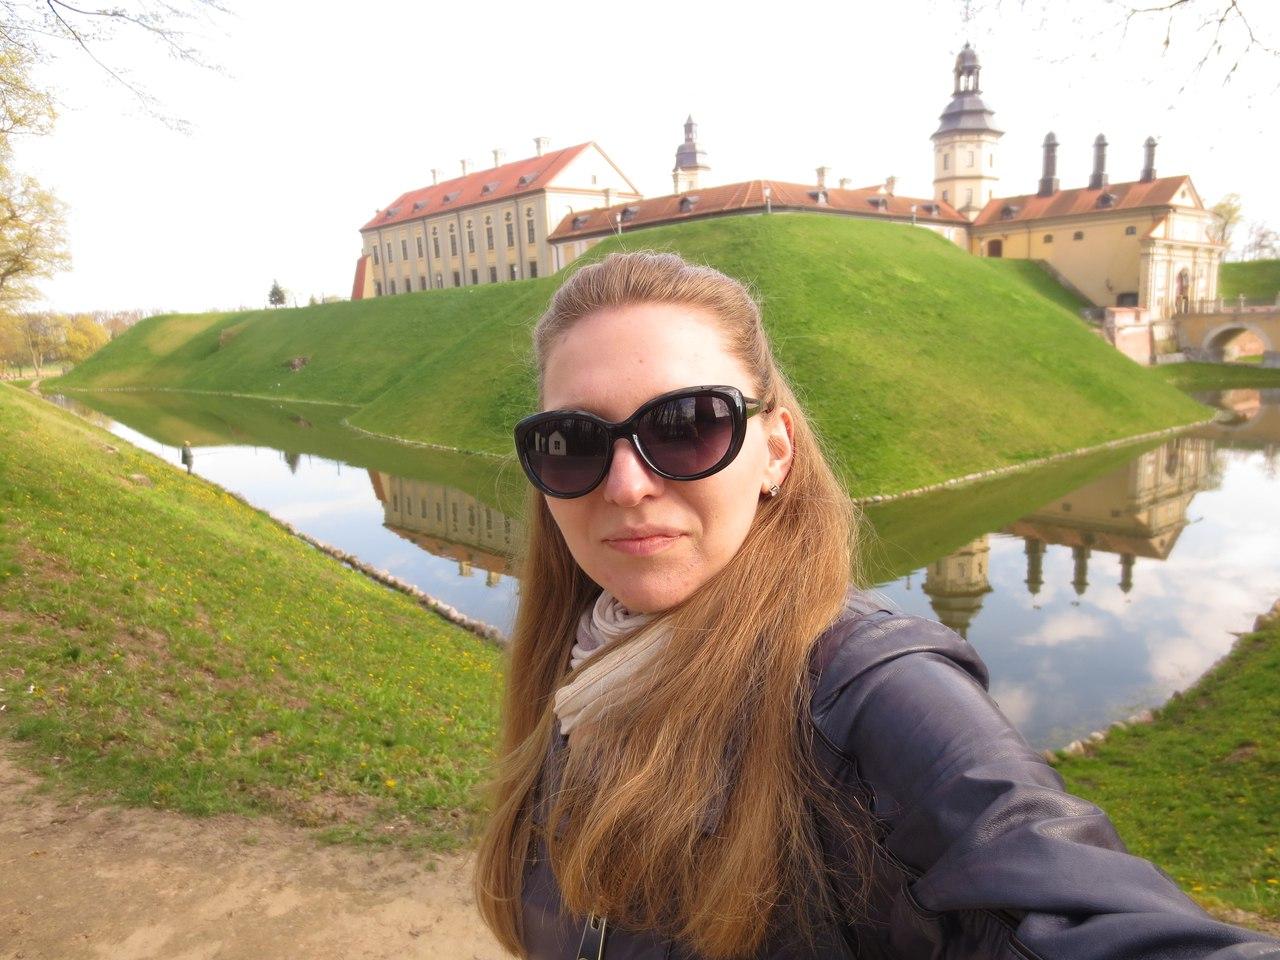 Жанна Бурчак, Днепропетровск - фото №2